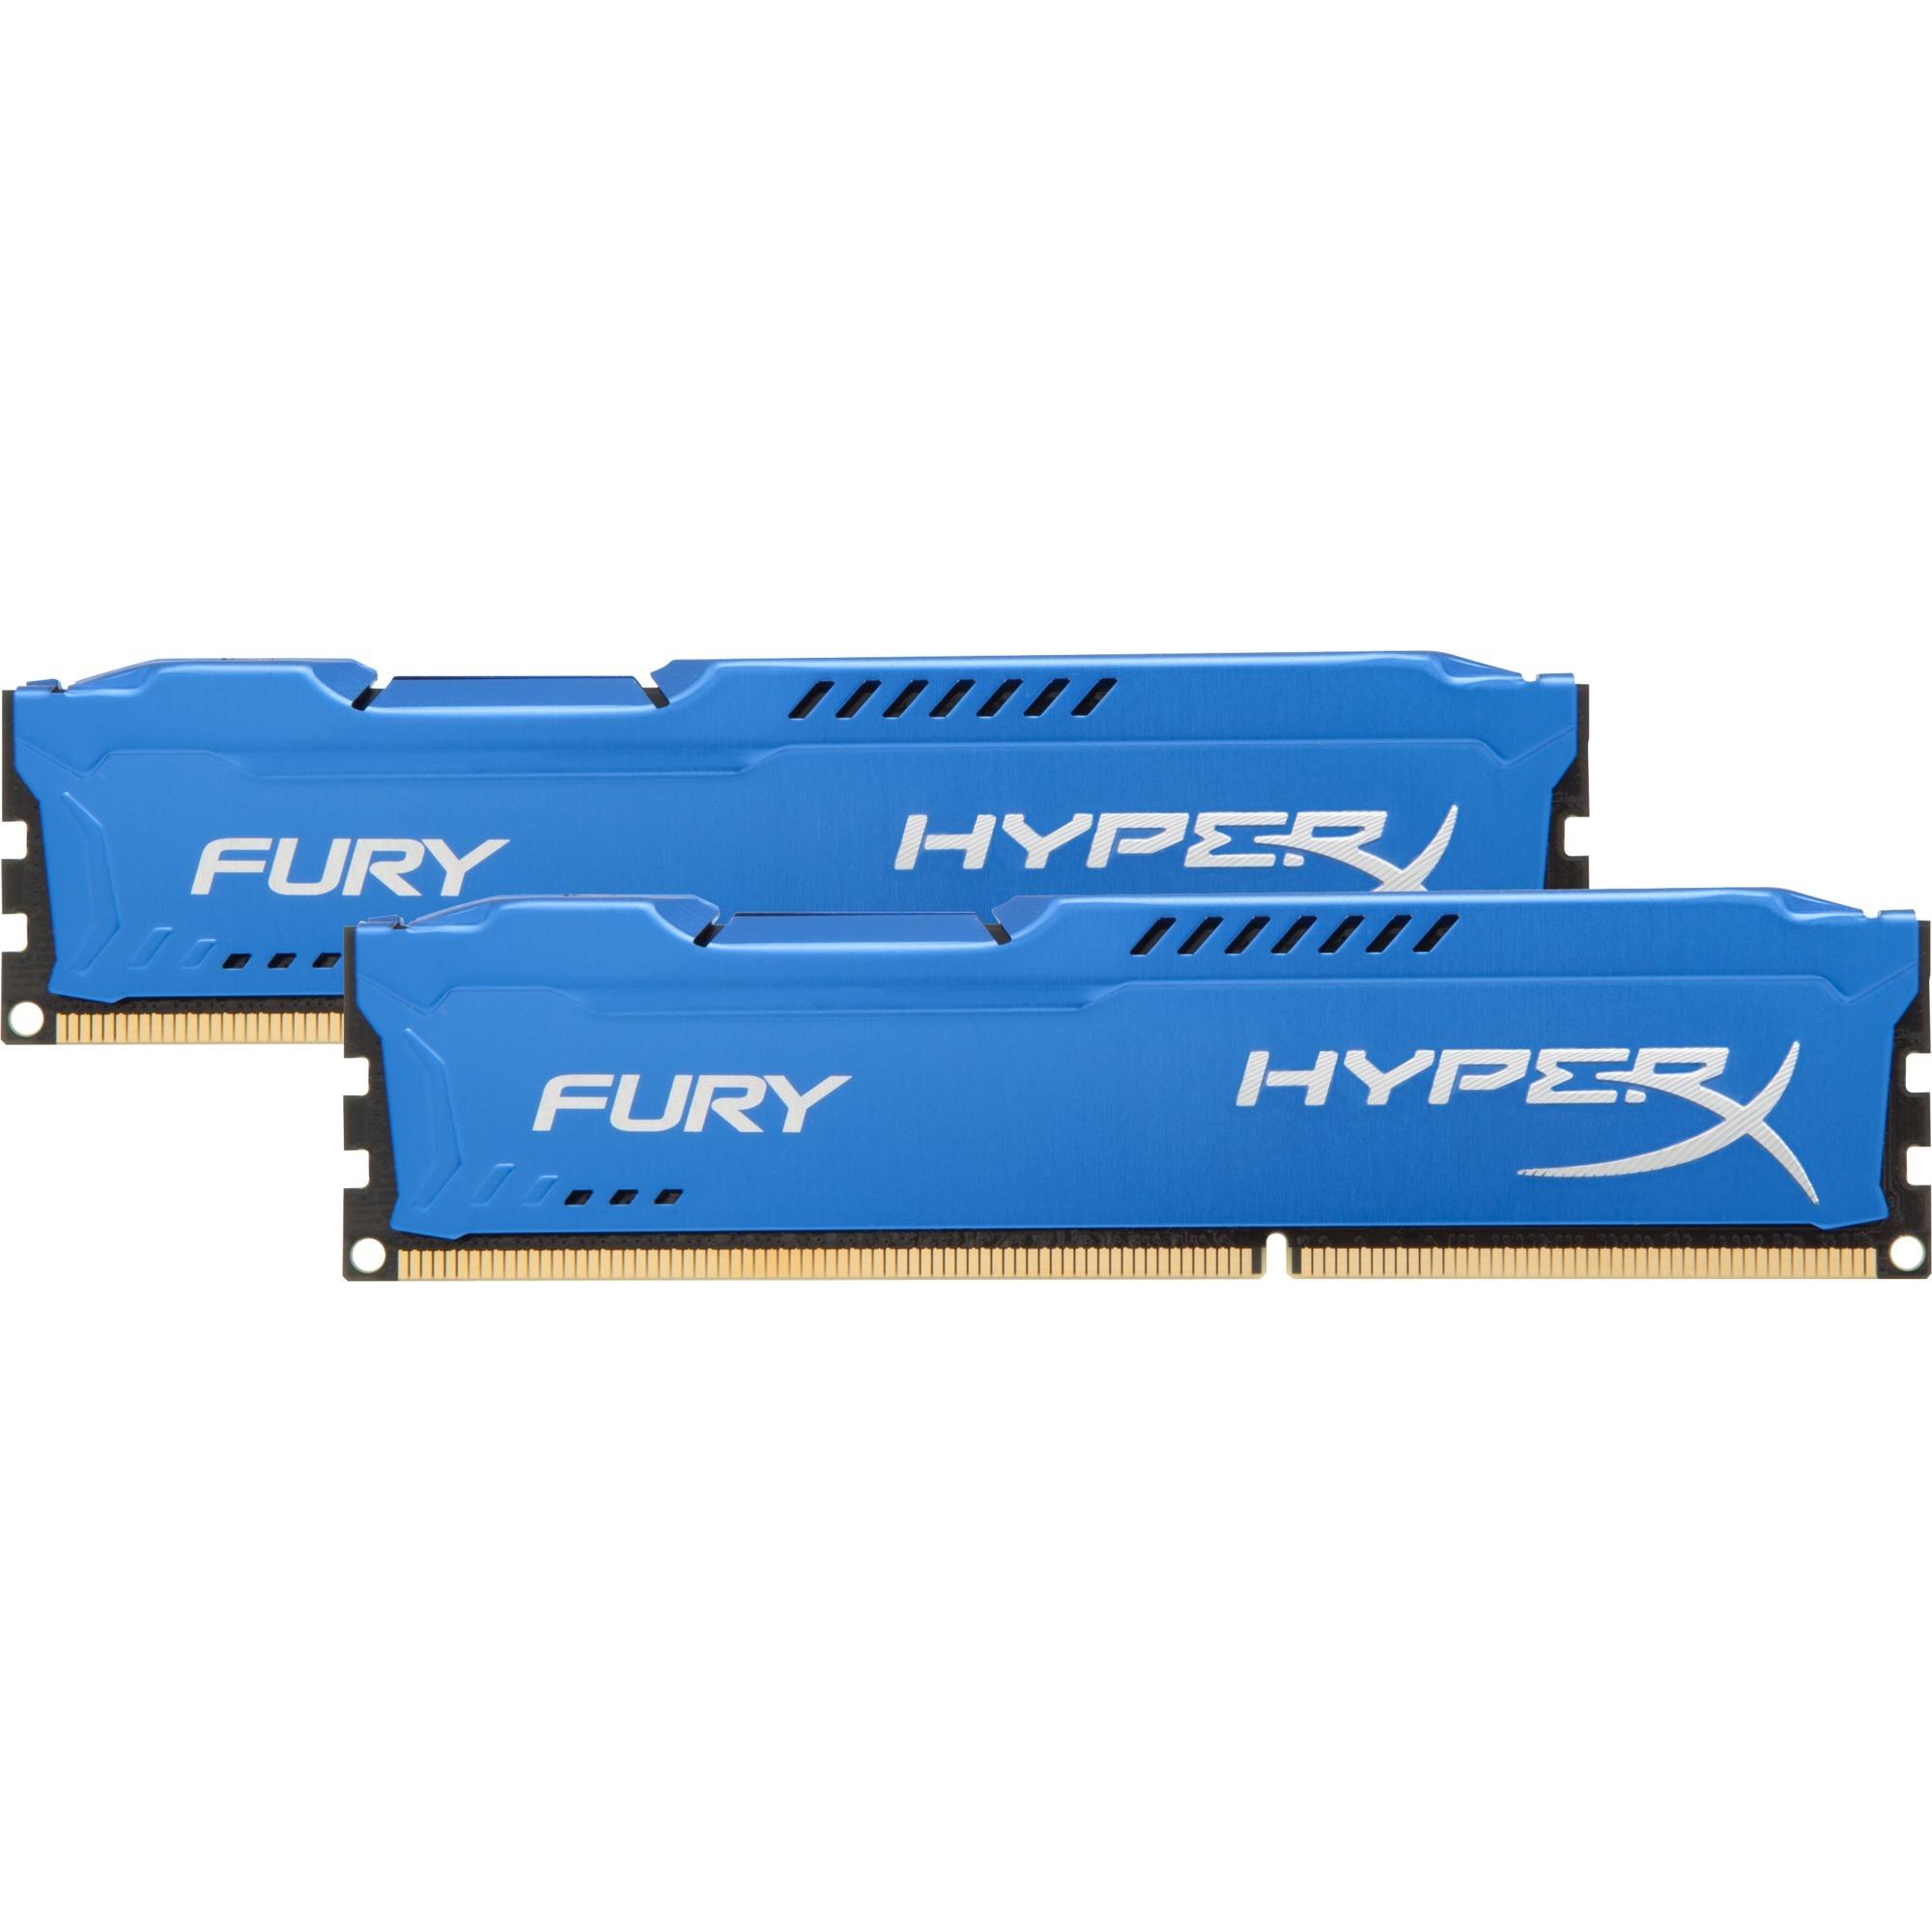 Fury 8 Go (2x 4Go) DDR3 1600 MHz CL10, Mémoire